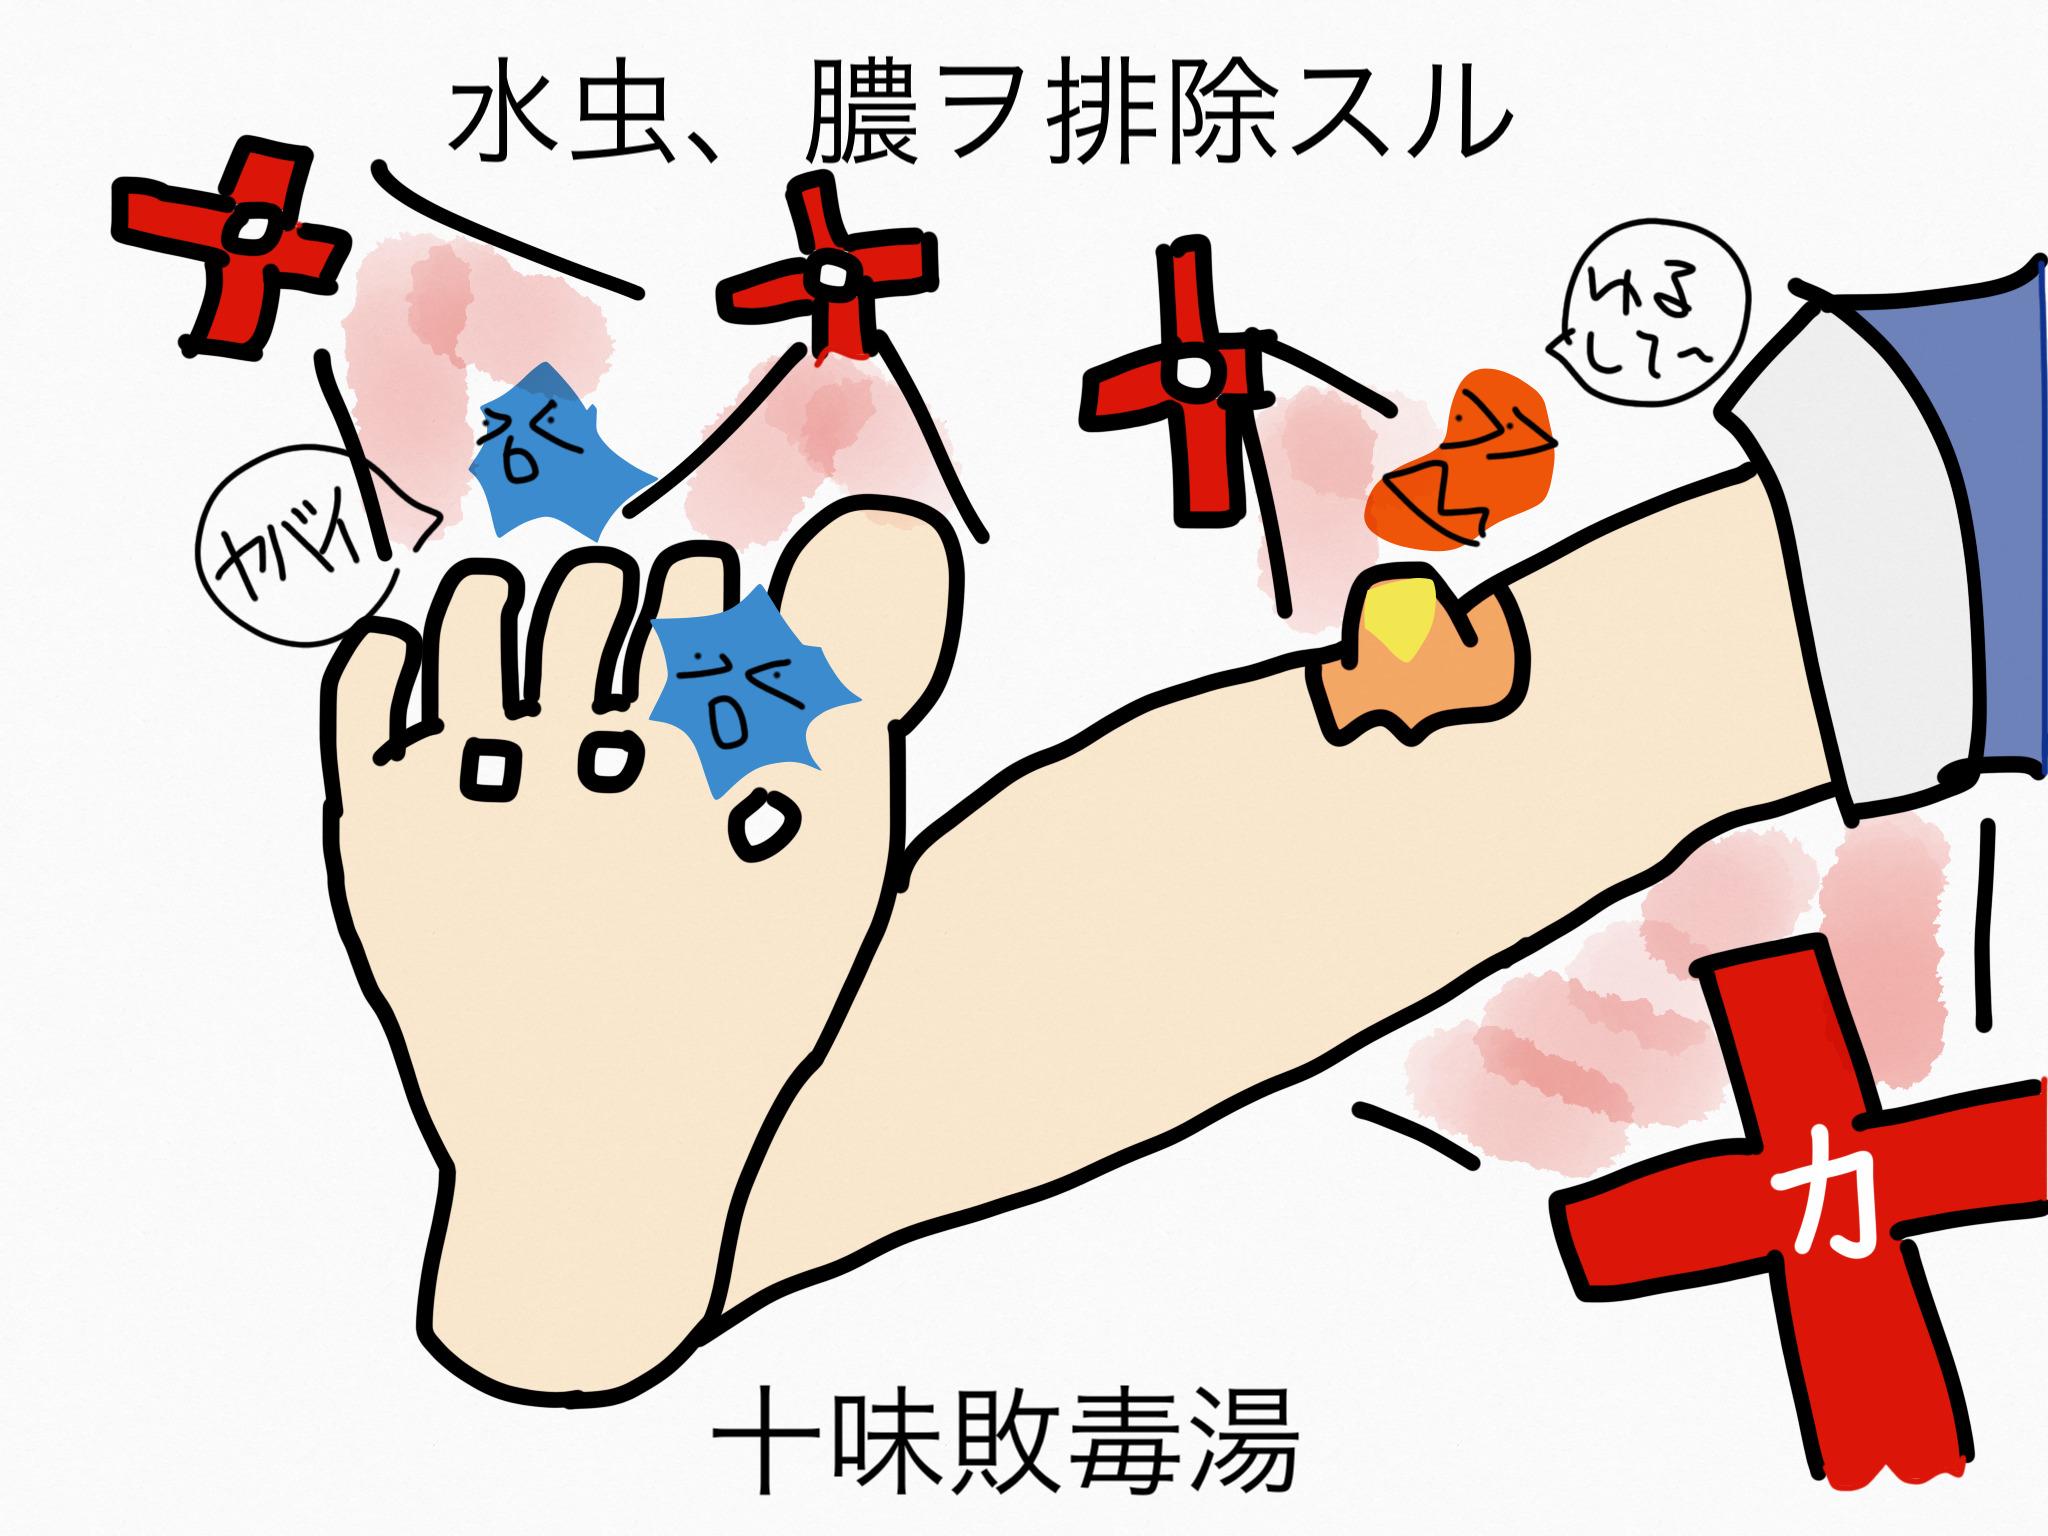 十味敗毒湯(じゅうみはいどくとう)[皮膚疾患]【漢方の覚え方】